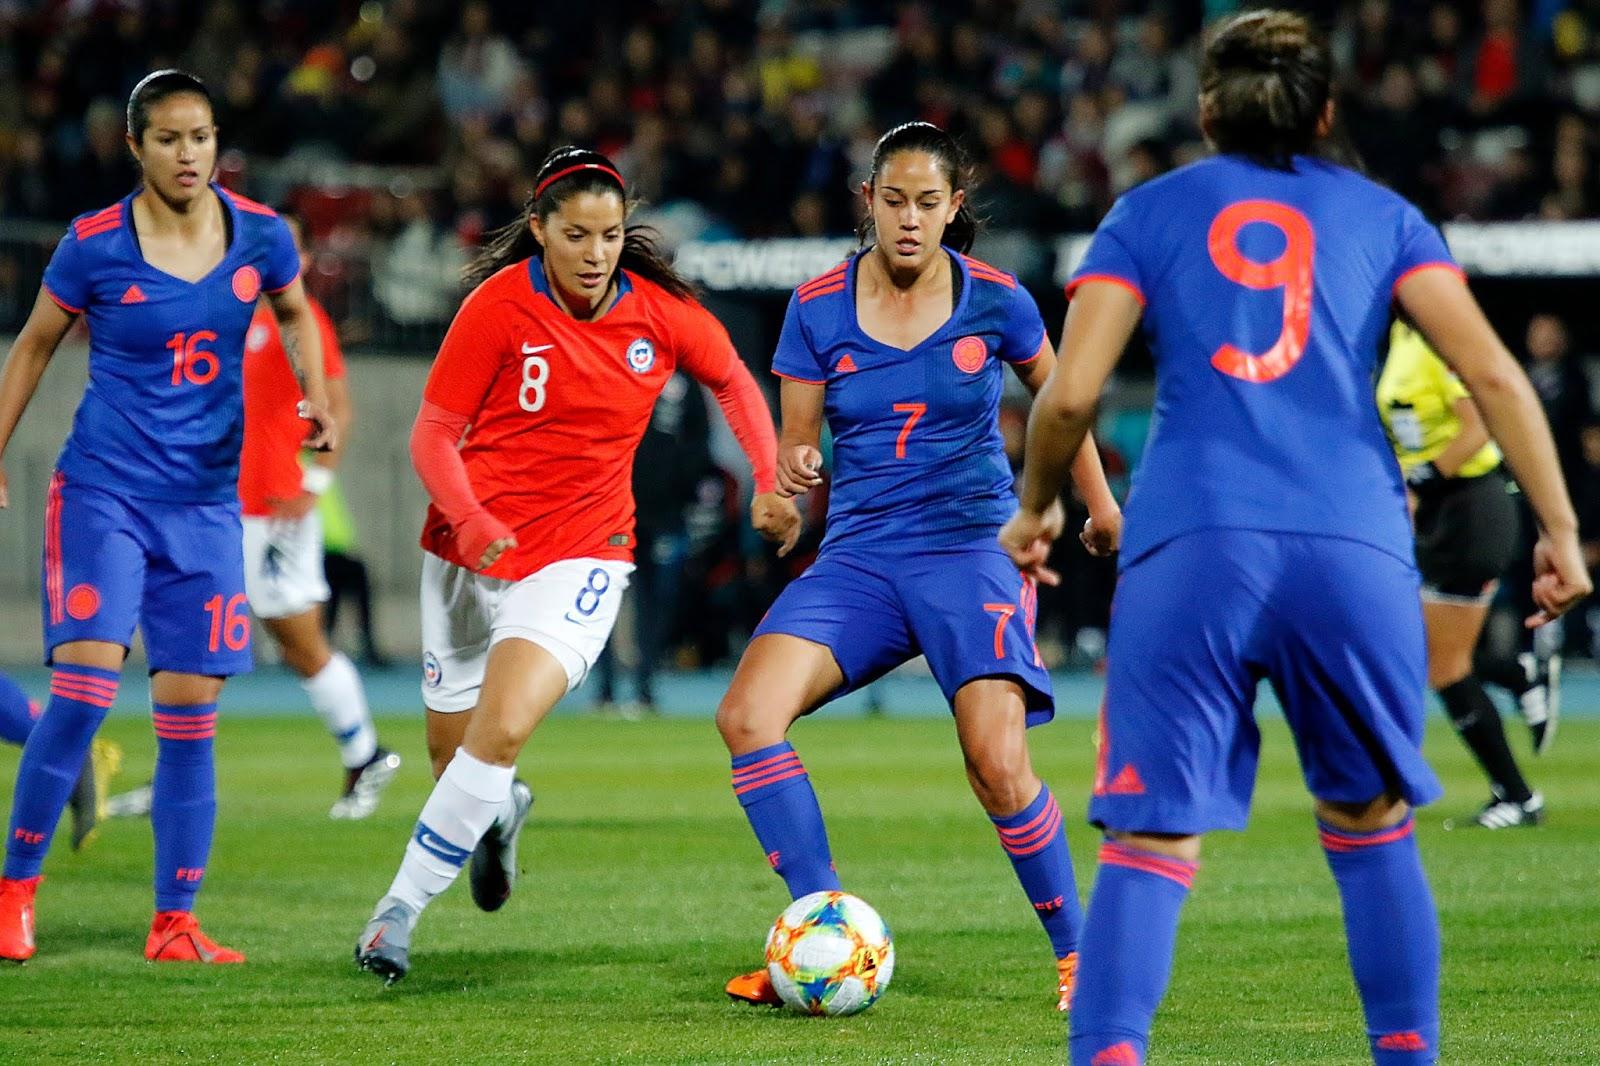 Chile y Colombia en partido amistoso femenino, 19 de mayo de 2019